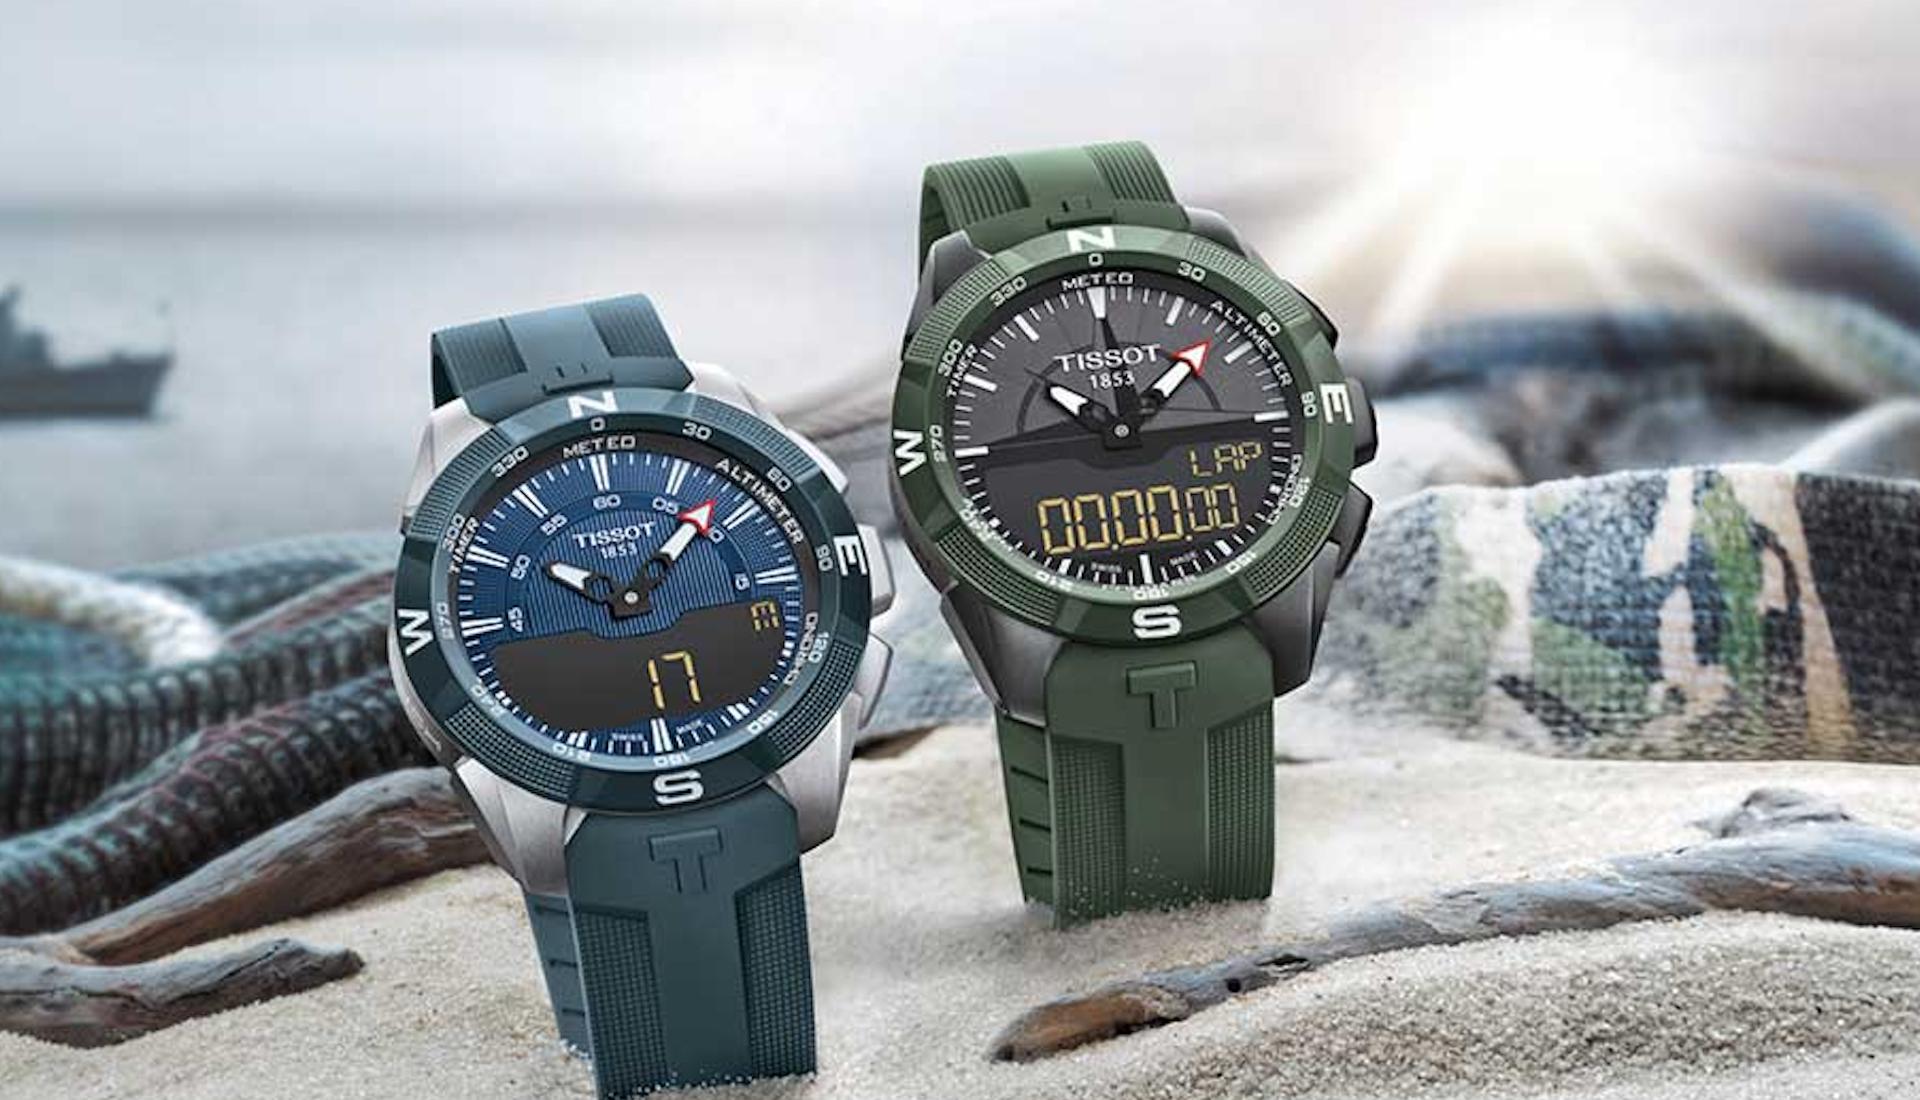 Les meilleures montres solaires pour homme